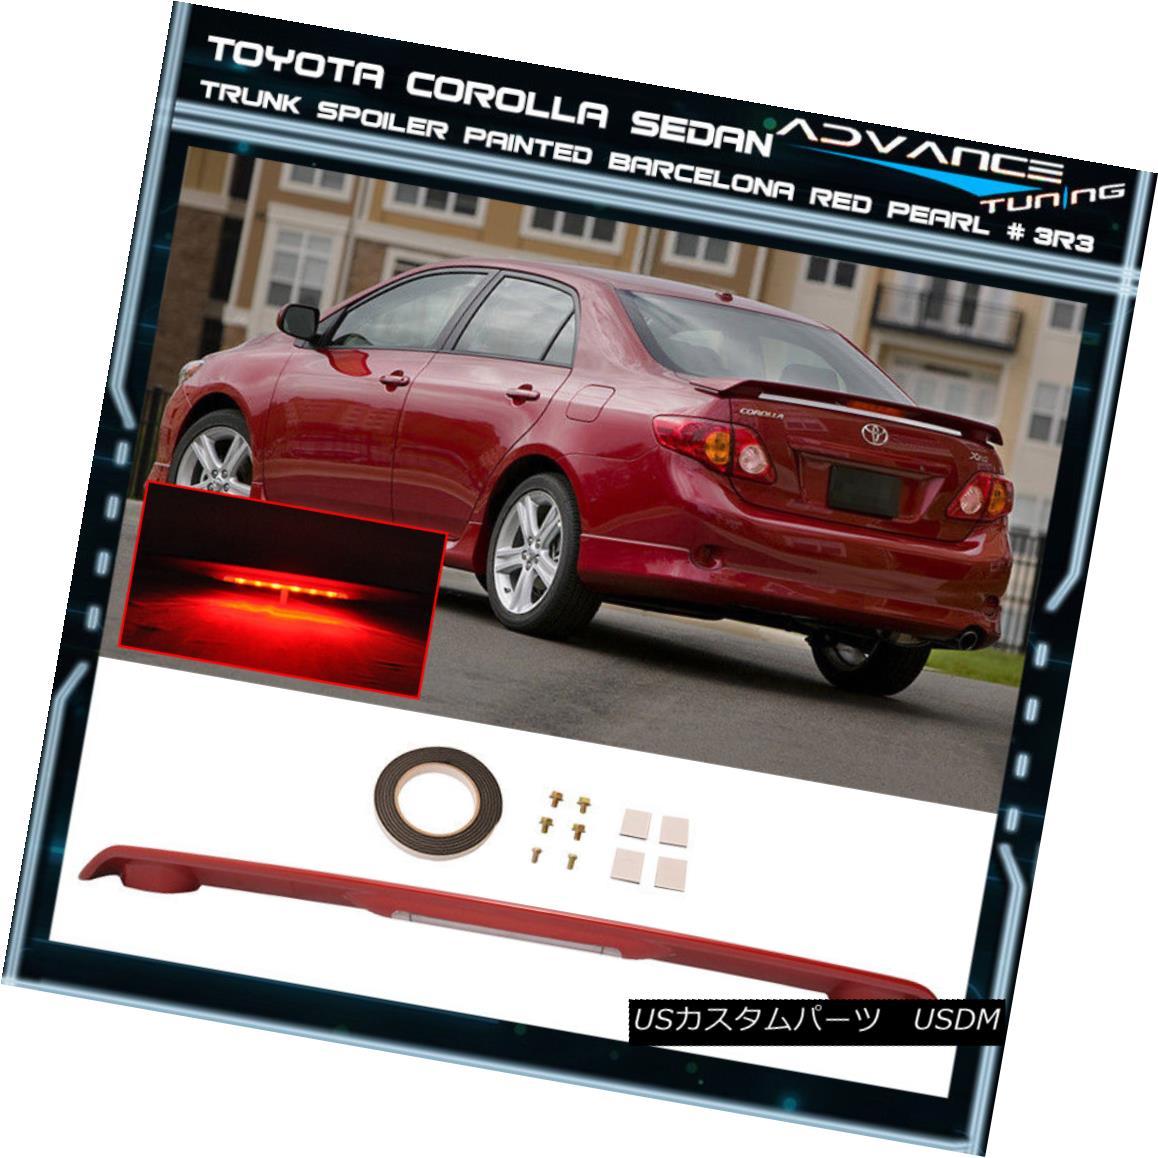 エアロパーツ 09-13 Corolla Trunk Spoiler LED Painted Barcelona Red Pearl # 3R3 ABS 09-13カローラトランクスポイラーのLEDバルセロナレッドパール#3R3 ABS塗装